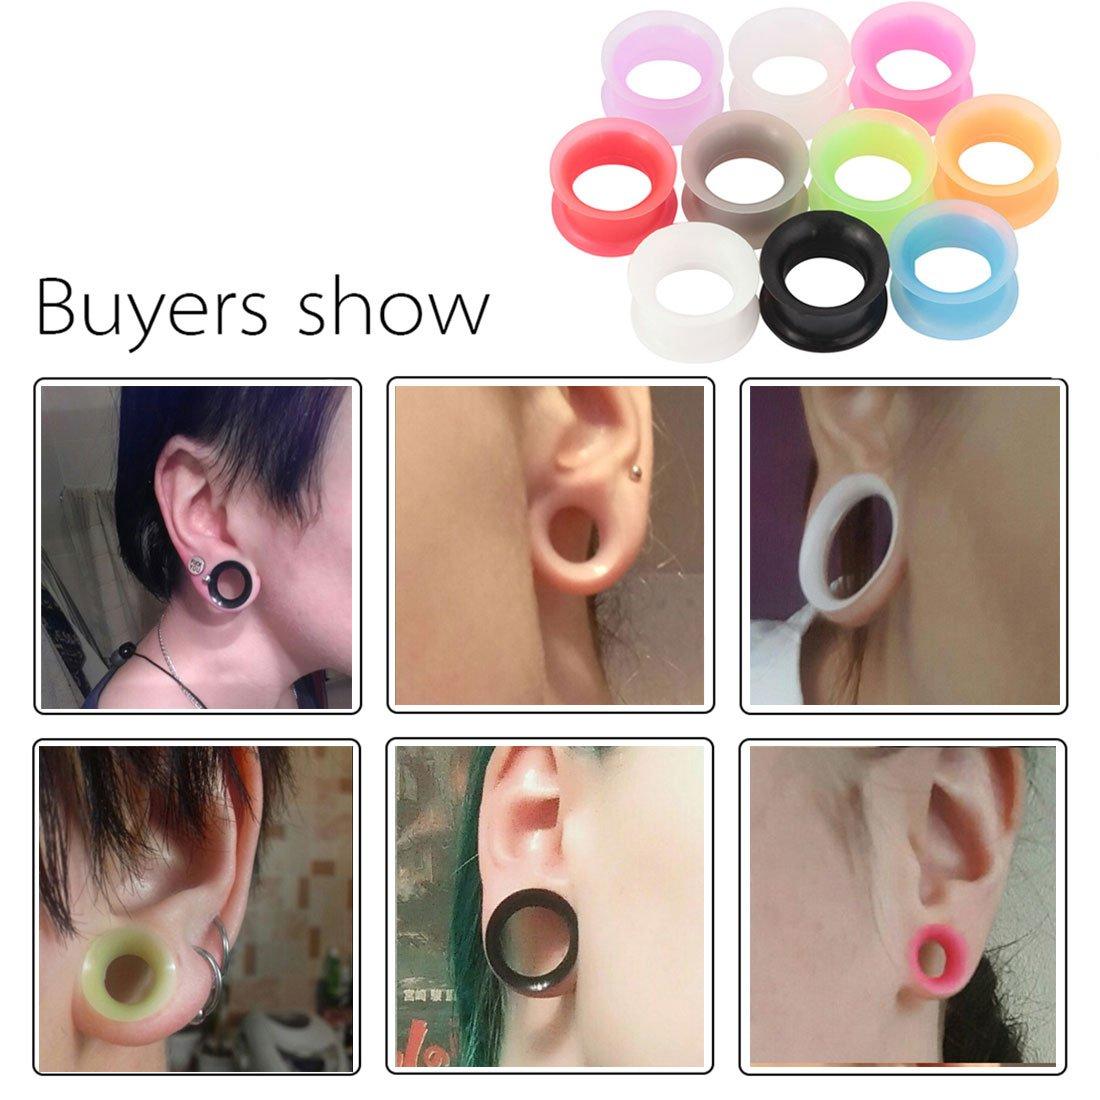 Huacan 20 Piezas Expansor de Túnel Silicona Delgada Suave Ear Plug Precing Dilatador de oreja Diez Color 12MM: Amazon.es: Joyería